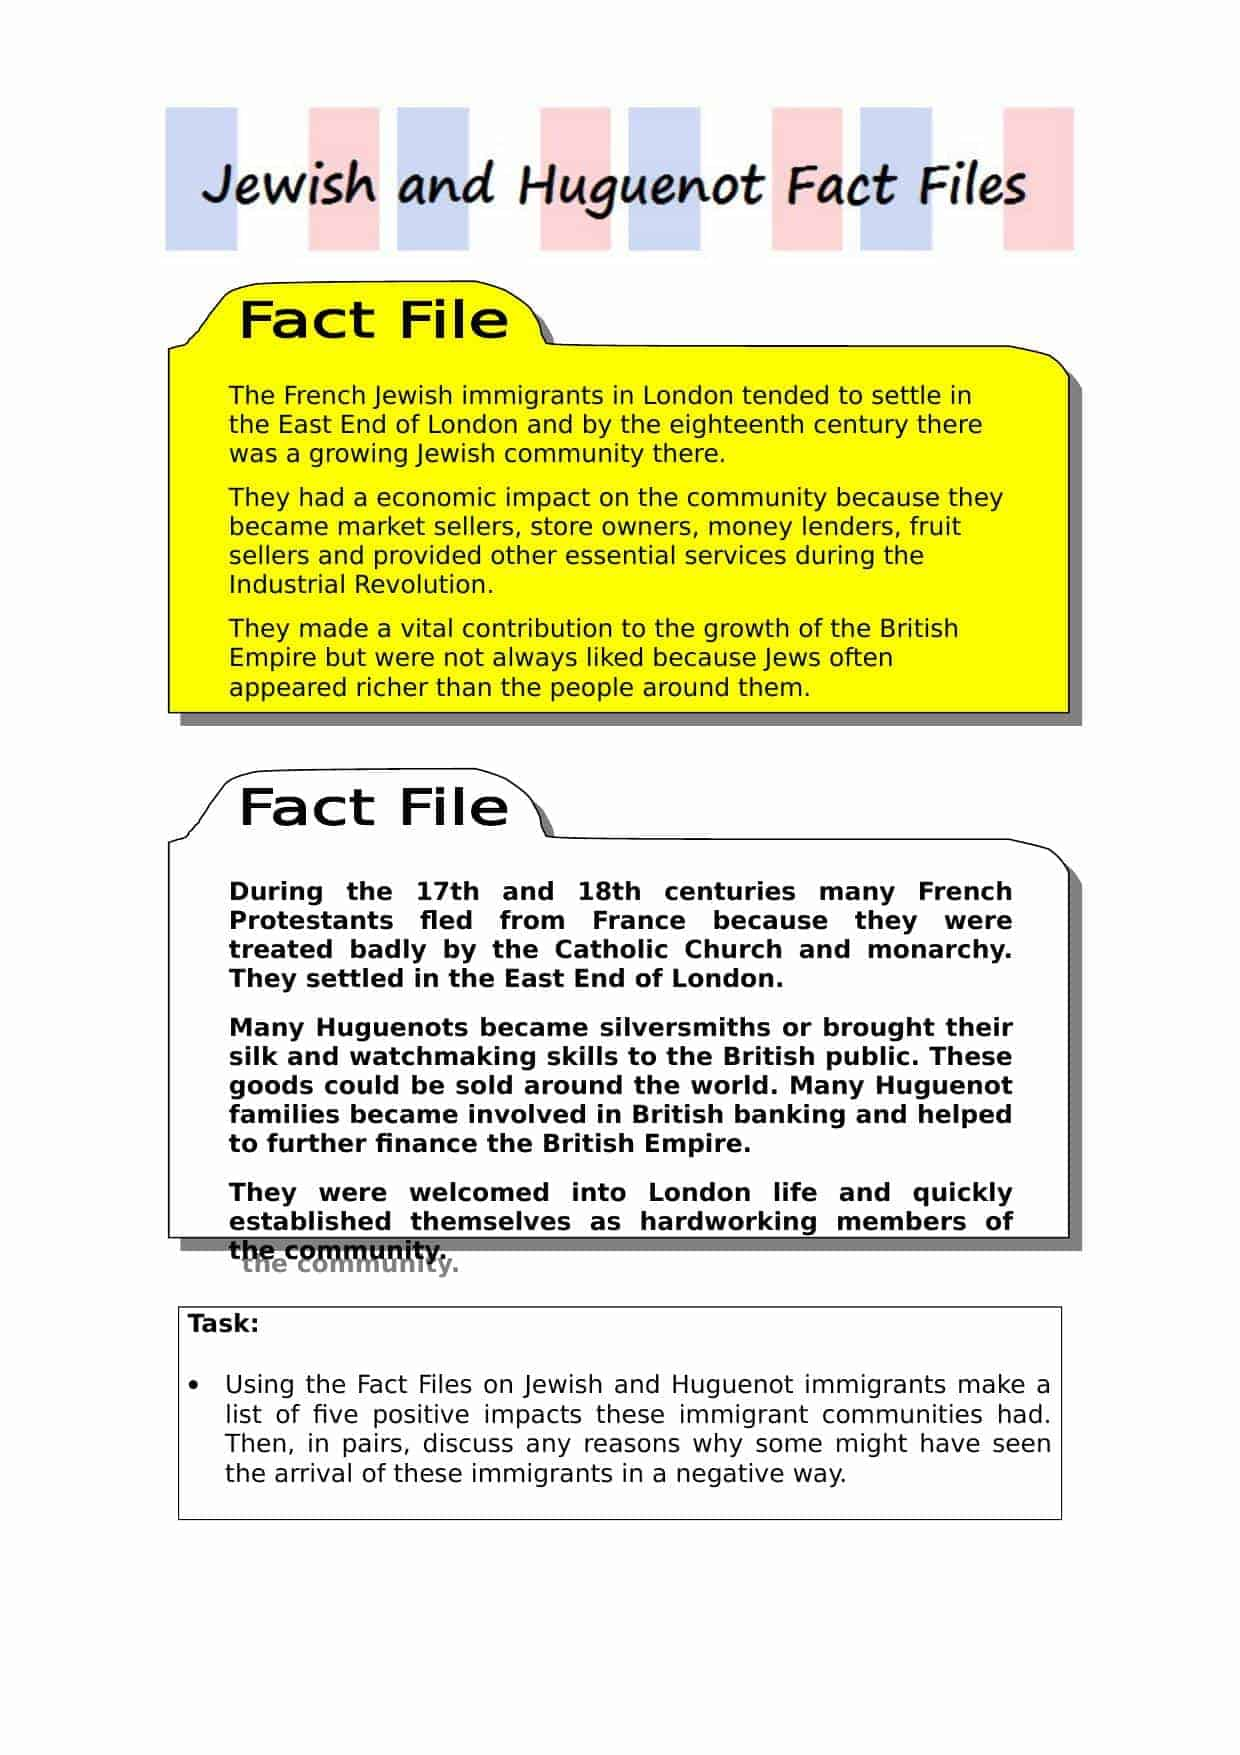 Jewish And Huguenot Fact Files